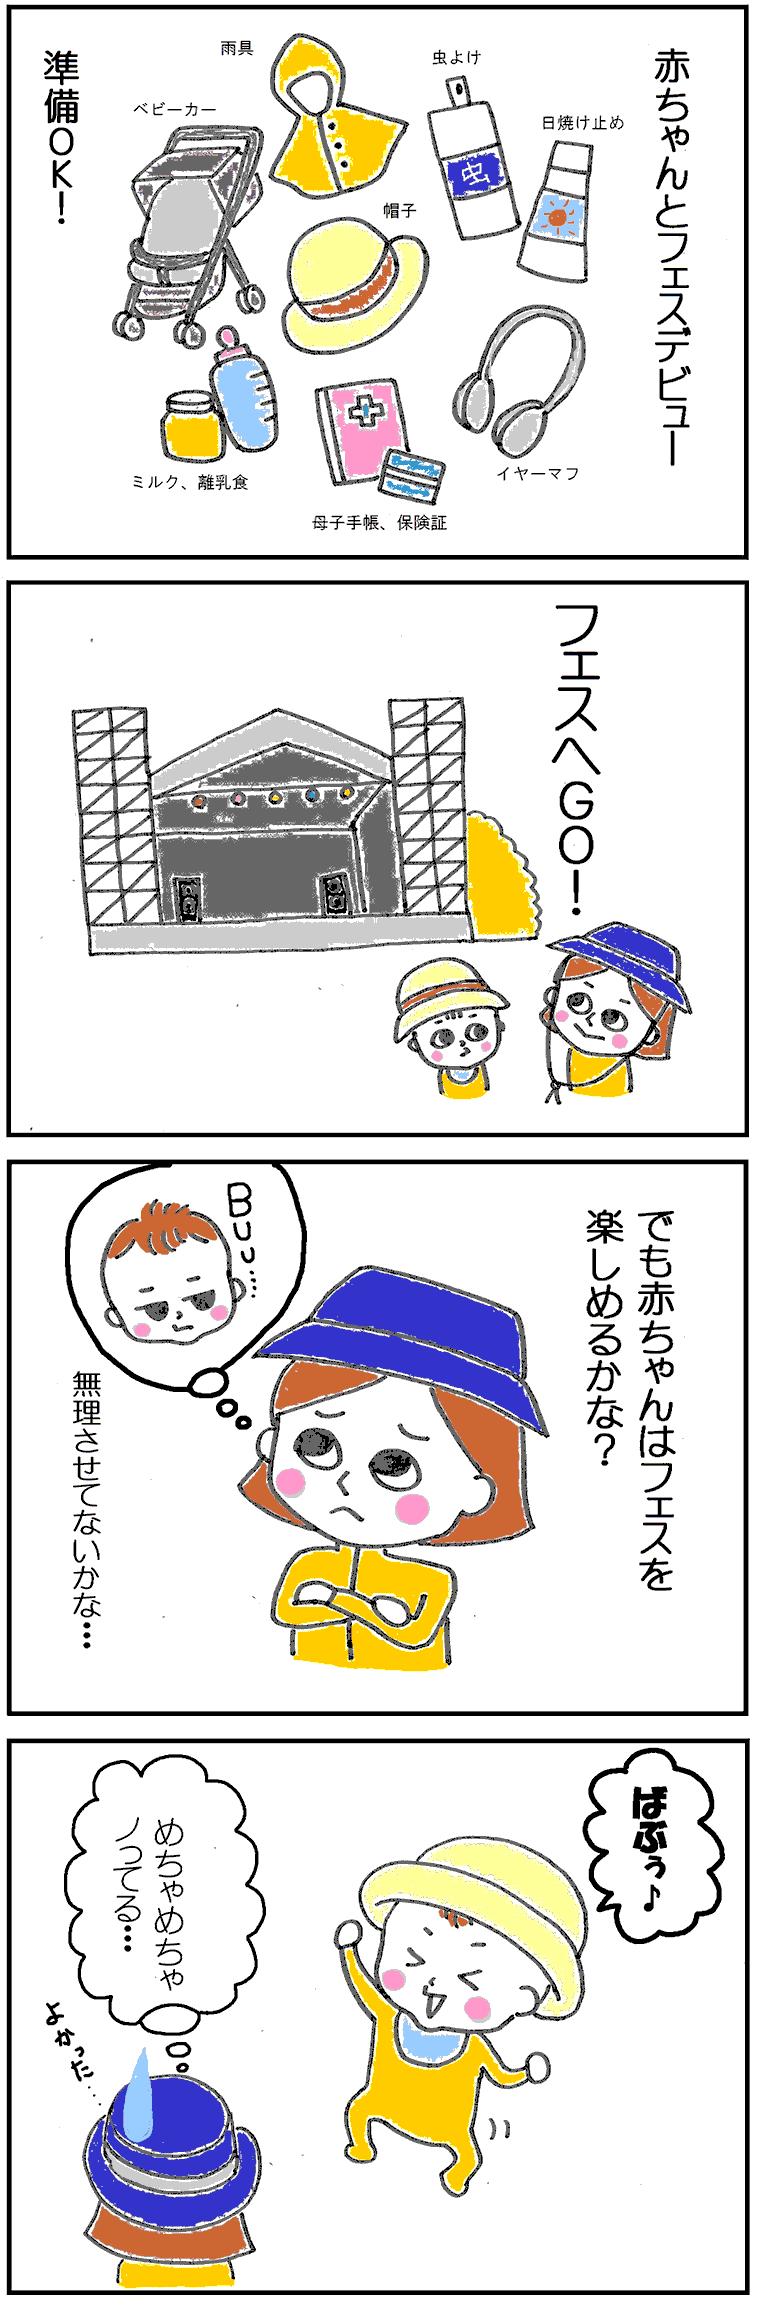 赤ちゃんとフェスの子育て4コマ漫画